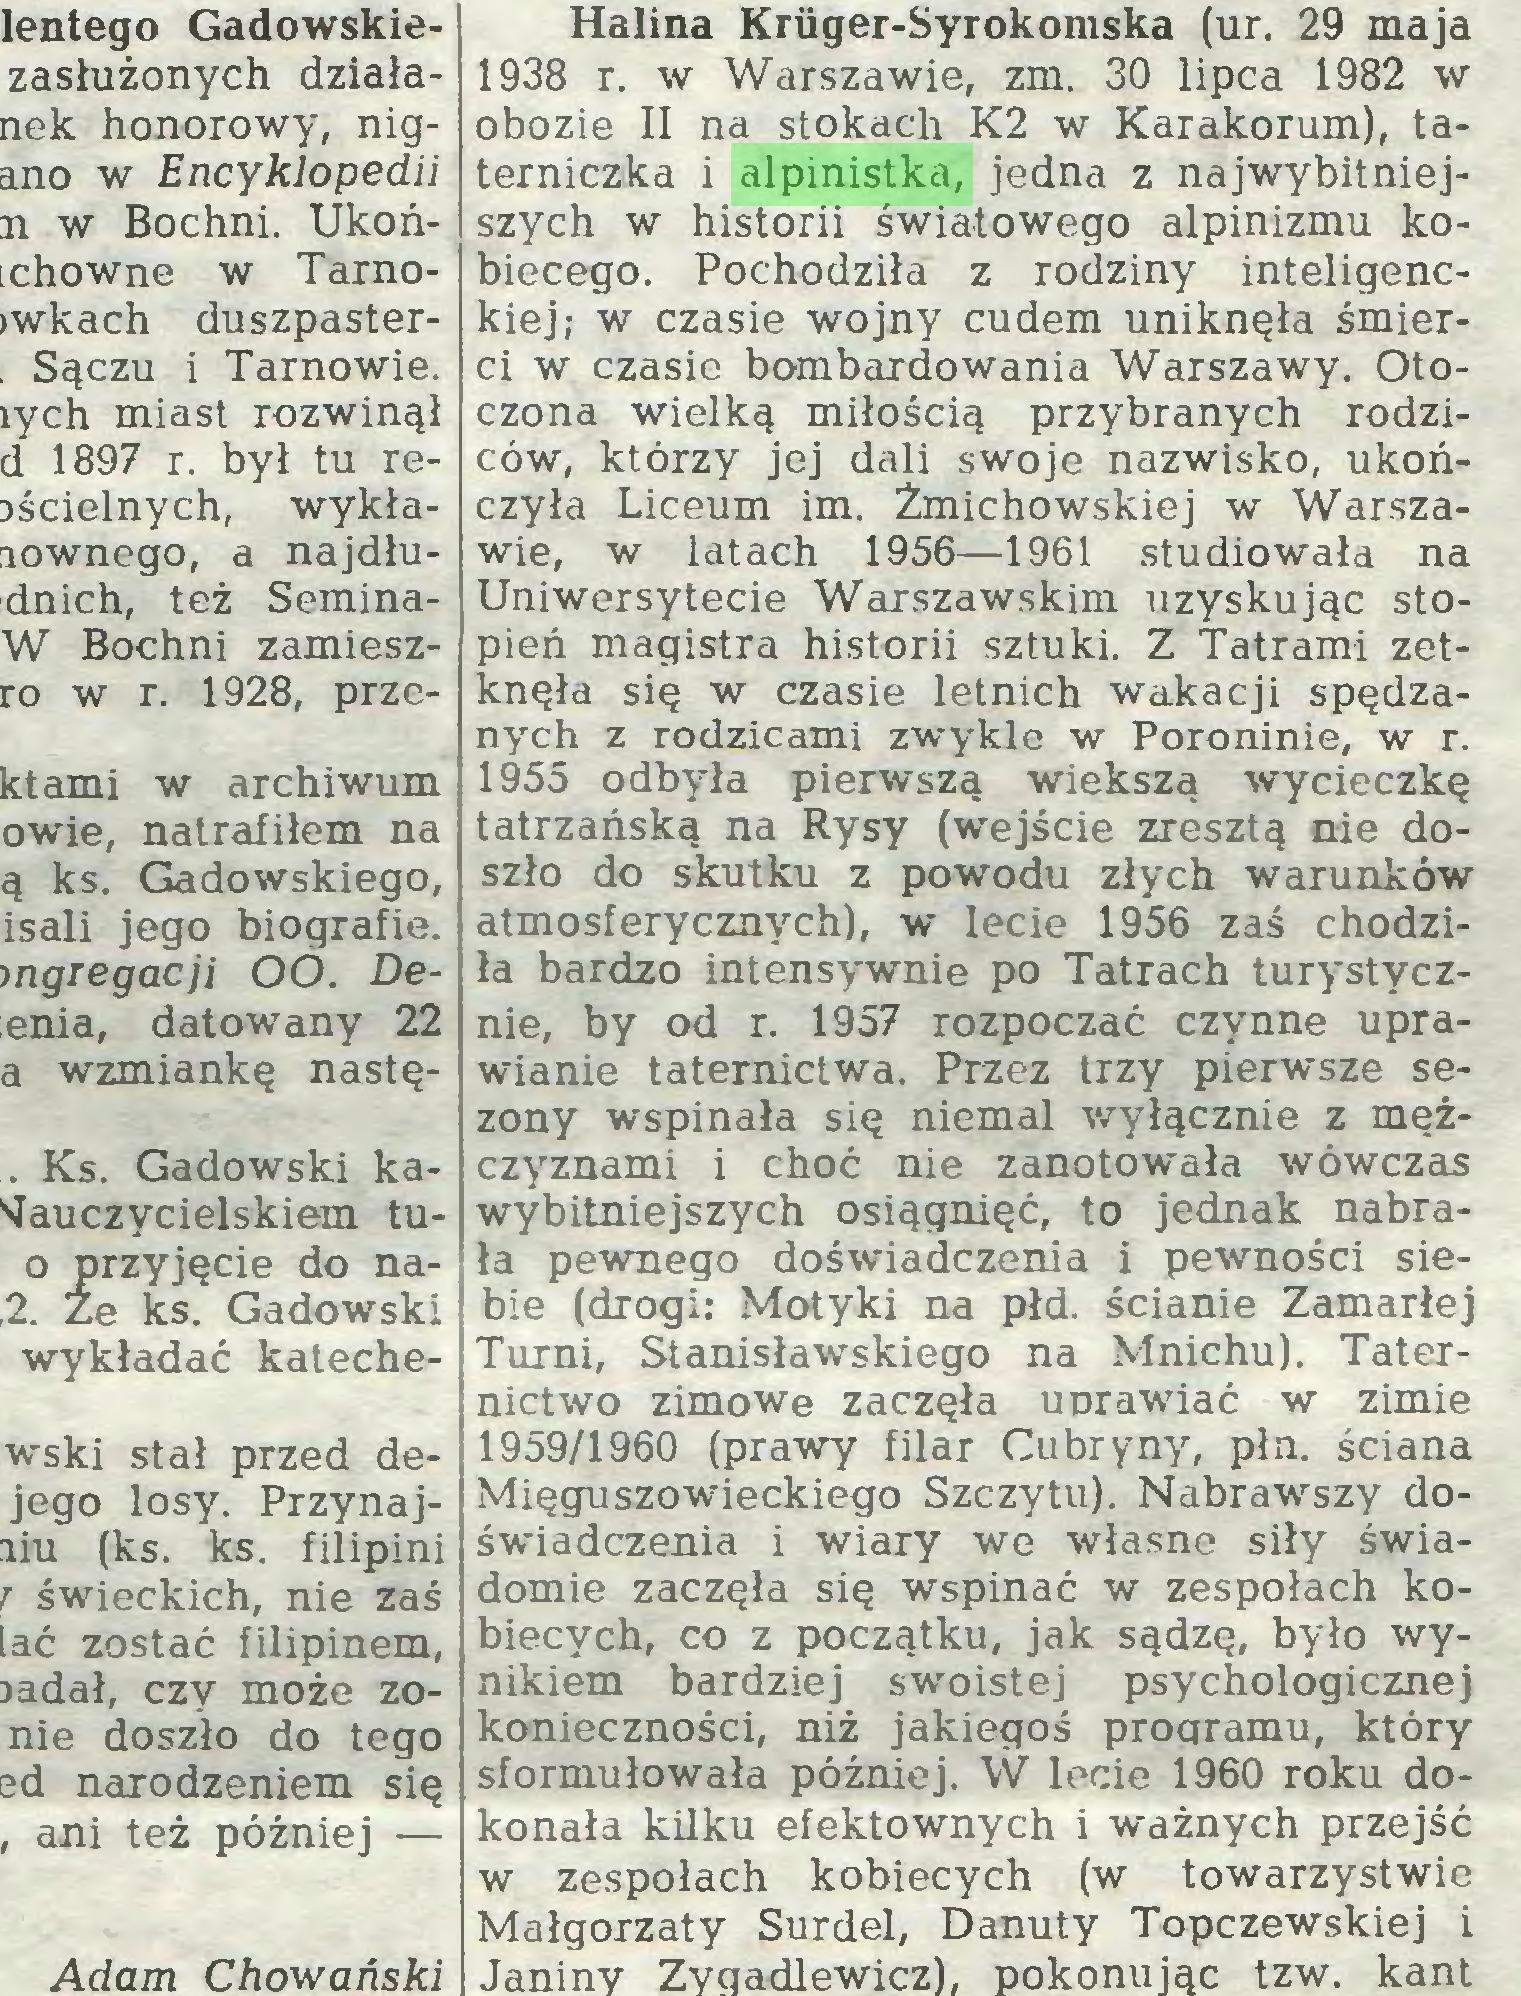 (...) Adam Chowański Halina Kriiger-Syrokomska (ur. 29 maja 1938 r. w Warszawie, zm. 30 lipca 1982 w obozie II na stokach K2 w Karakorum), taterniczka i alpinistka, jedna z najwybitniejszych w historii światowego alpinizmu kobiecego. Pochodziła z rodziny inteligenckiej; w czasie wojny cudem uniknęła śmierci w czasie bombardowania Warszawy. Oto...